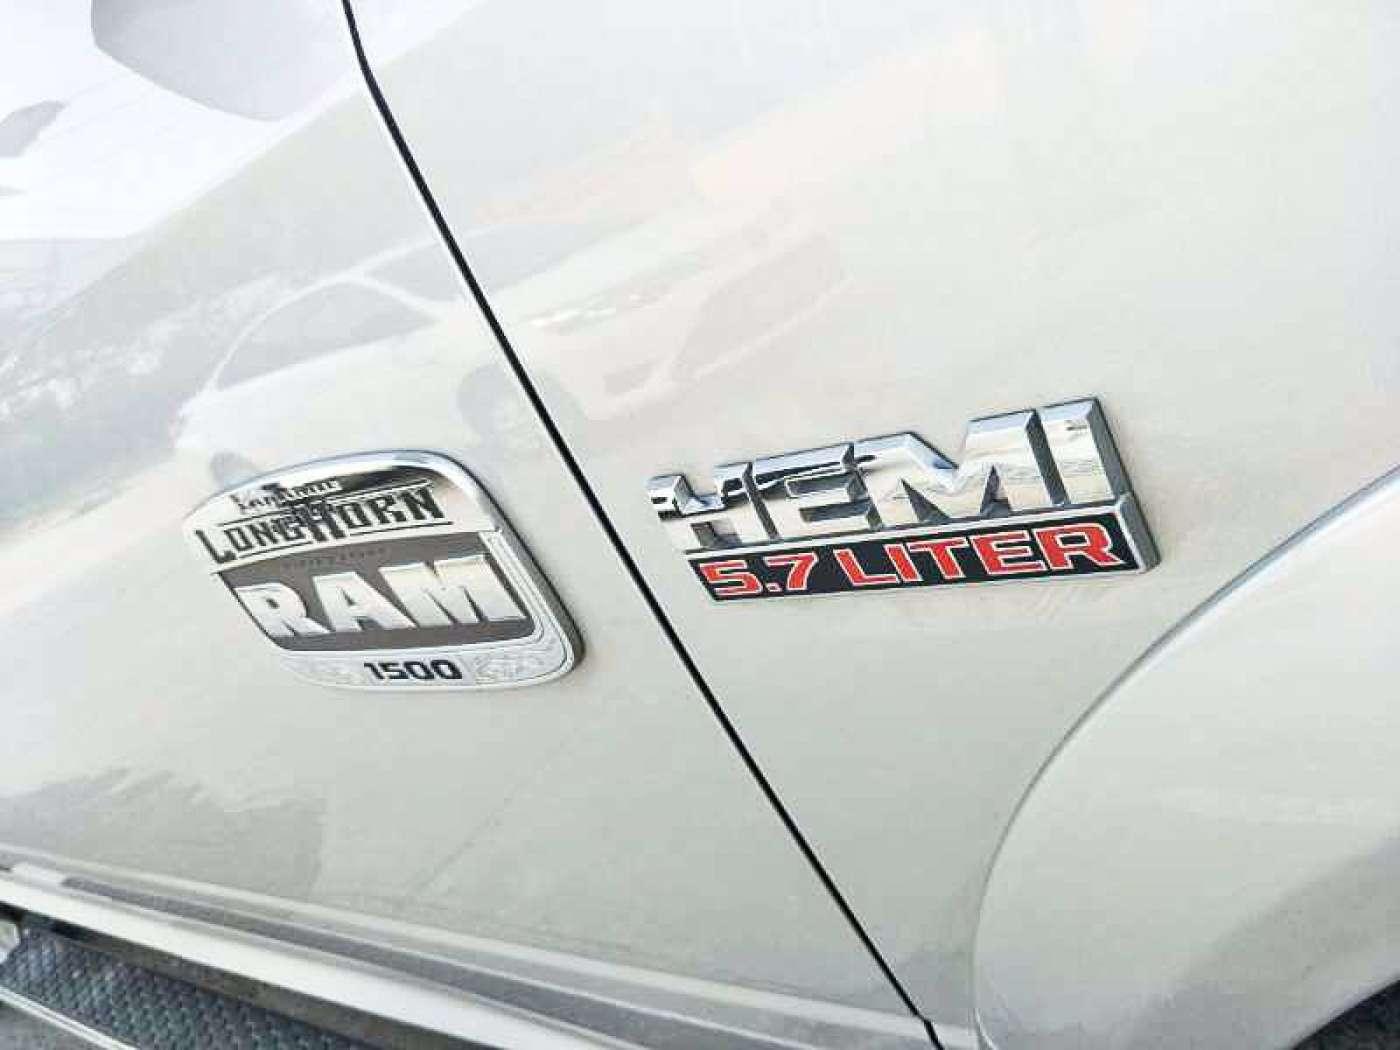 2017年09月 道奇Ram 2011款 1500 Laramie Longhorn|甄选易手车-北京卡斯基汽车服务有限公司